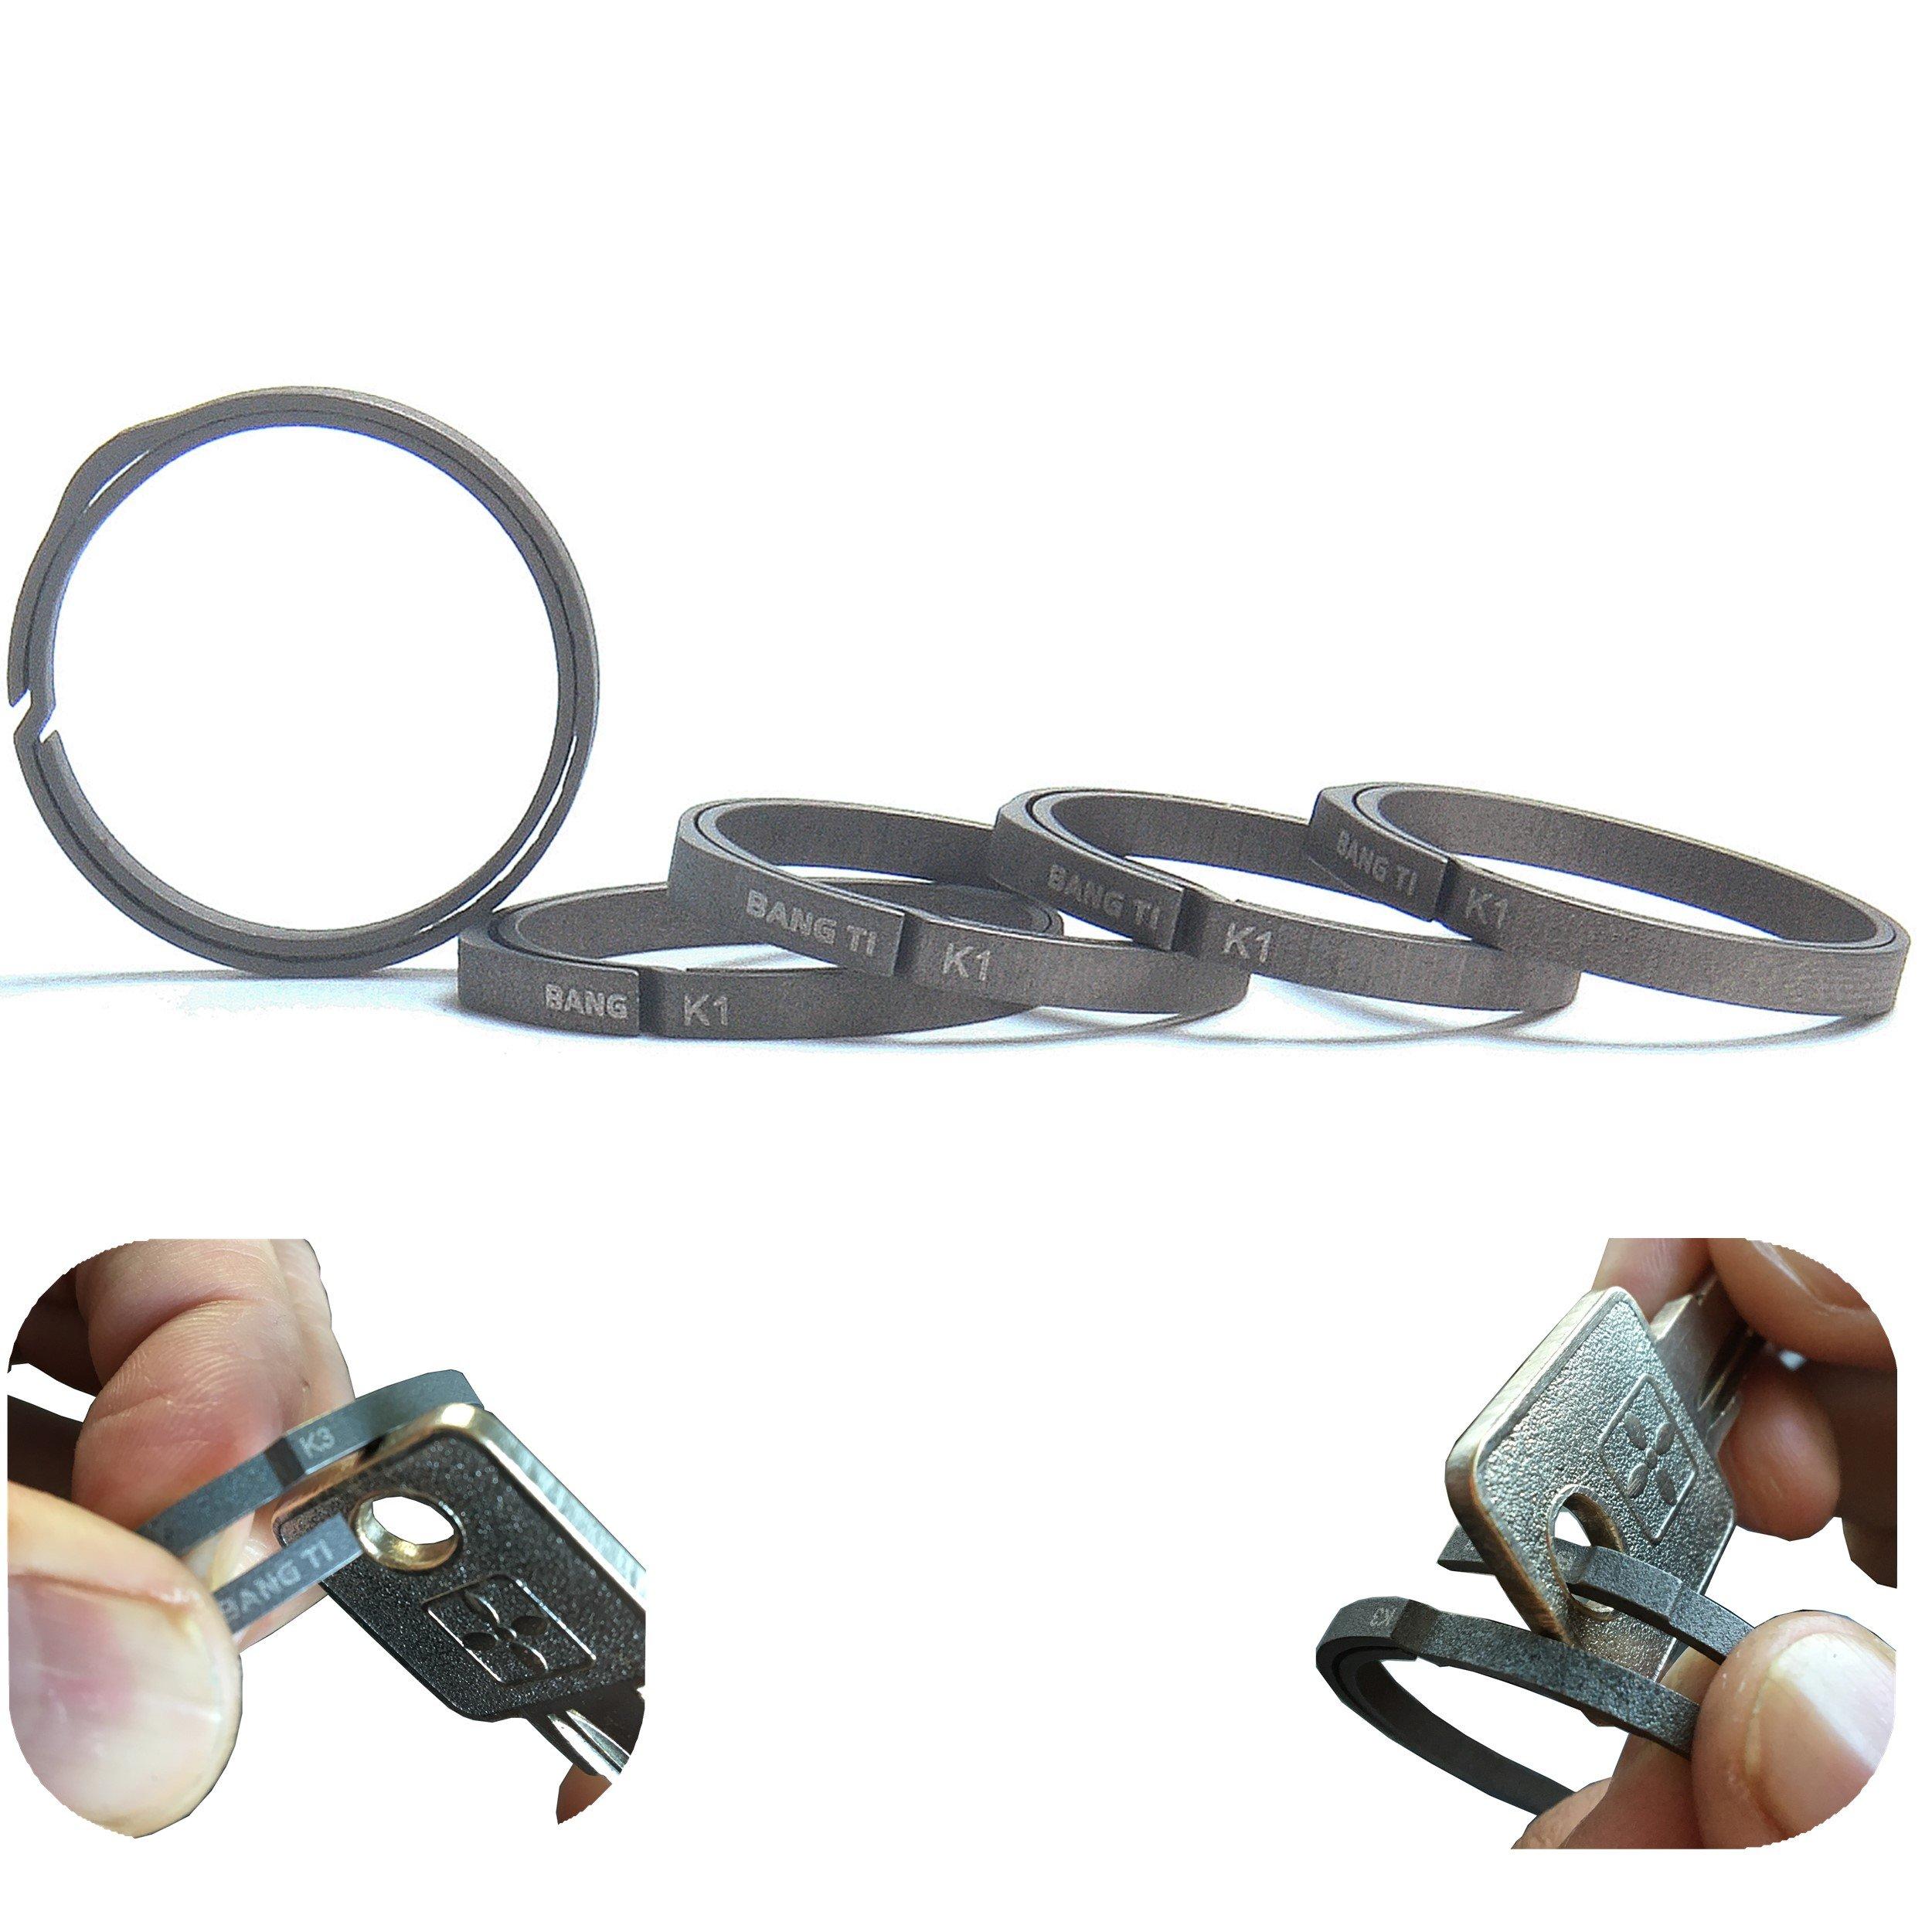 BANG TI Titanium Nail-Saving Flexible Small Keyring (K1, 26mm/1.02'', 5-pack)